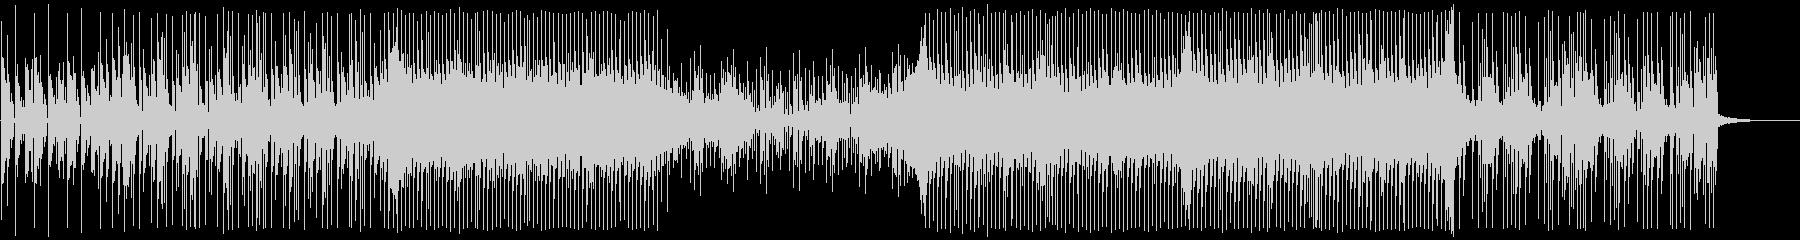 ピアノとエレクトロニカの未再生の波形